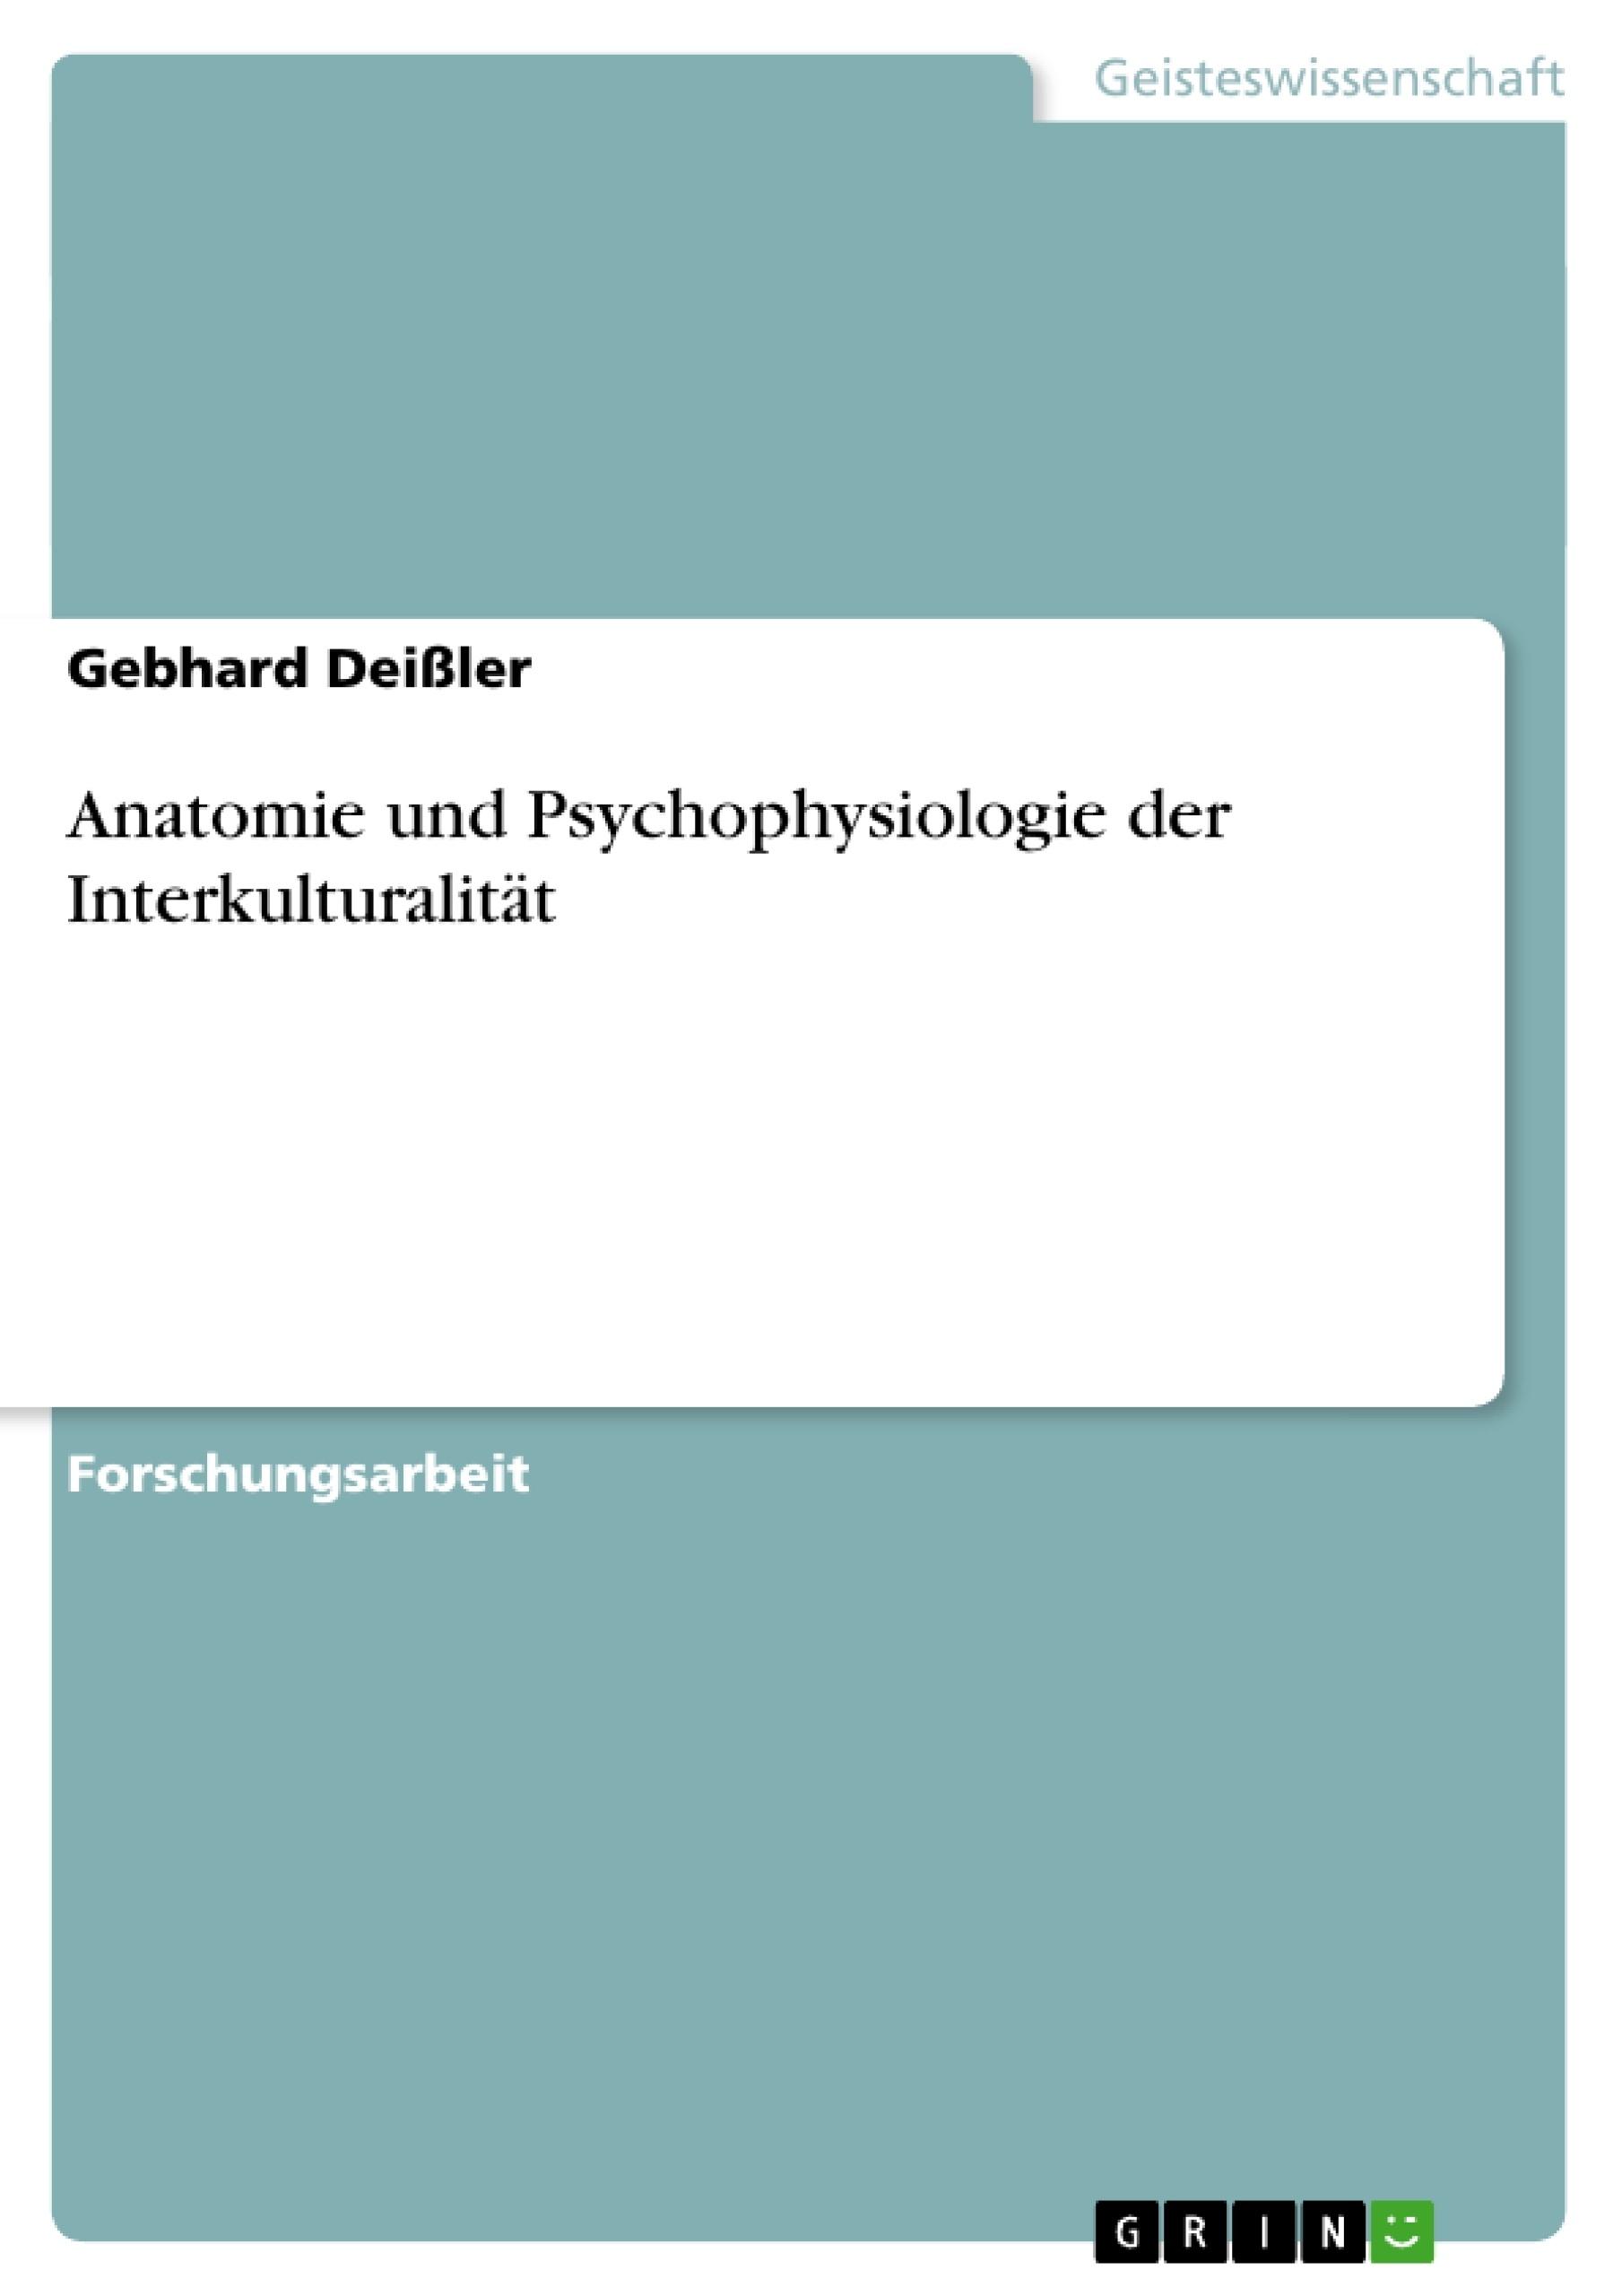 Anatomie und Psychophysiologie der Interkulturalität | Masterarbeit ...